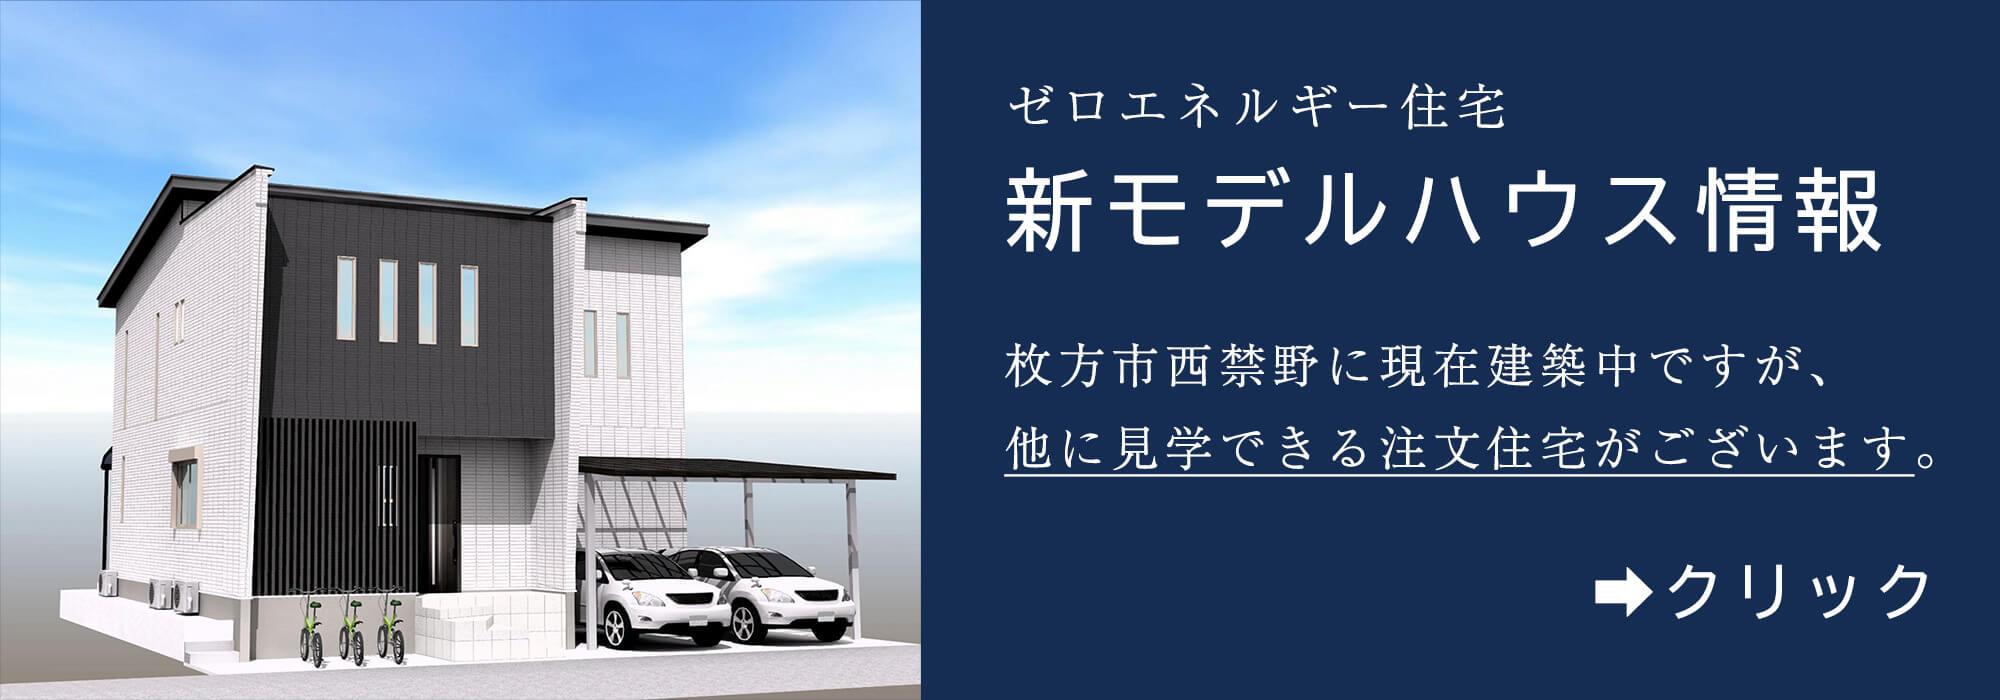 枚方市内に建築中の新モデルハウスのお知らせ